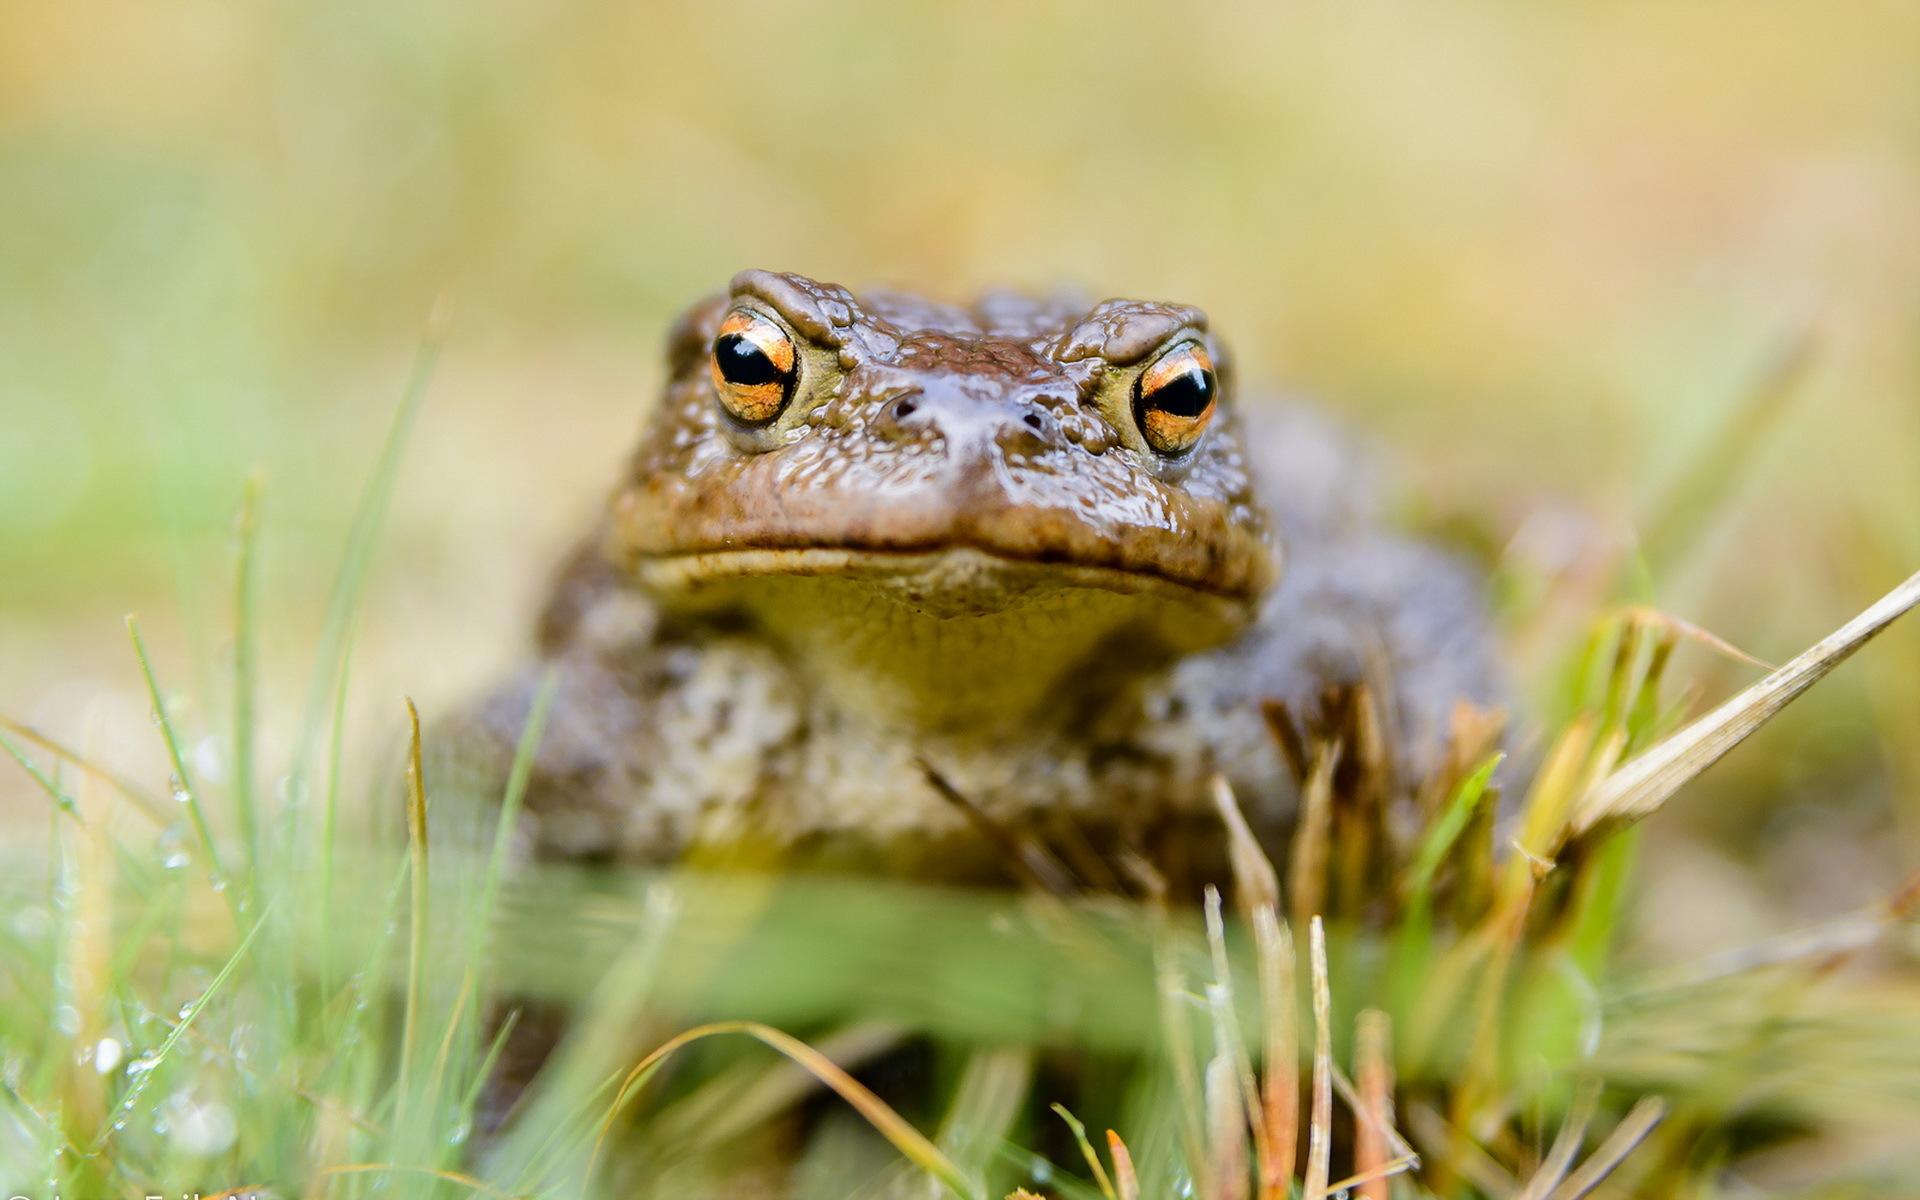 красивая картинка жабы